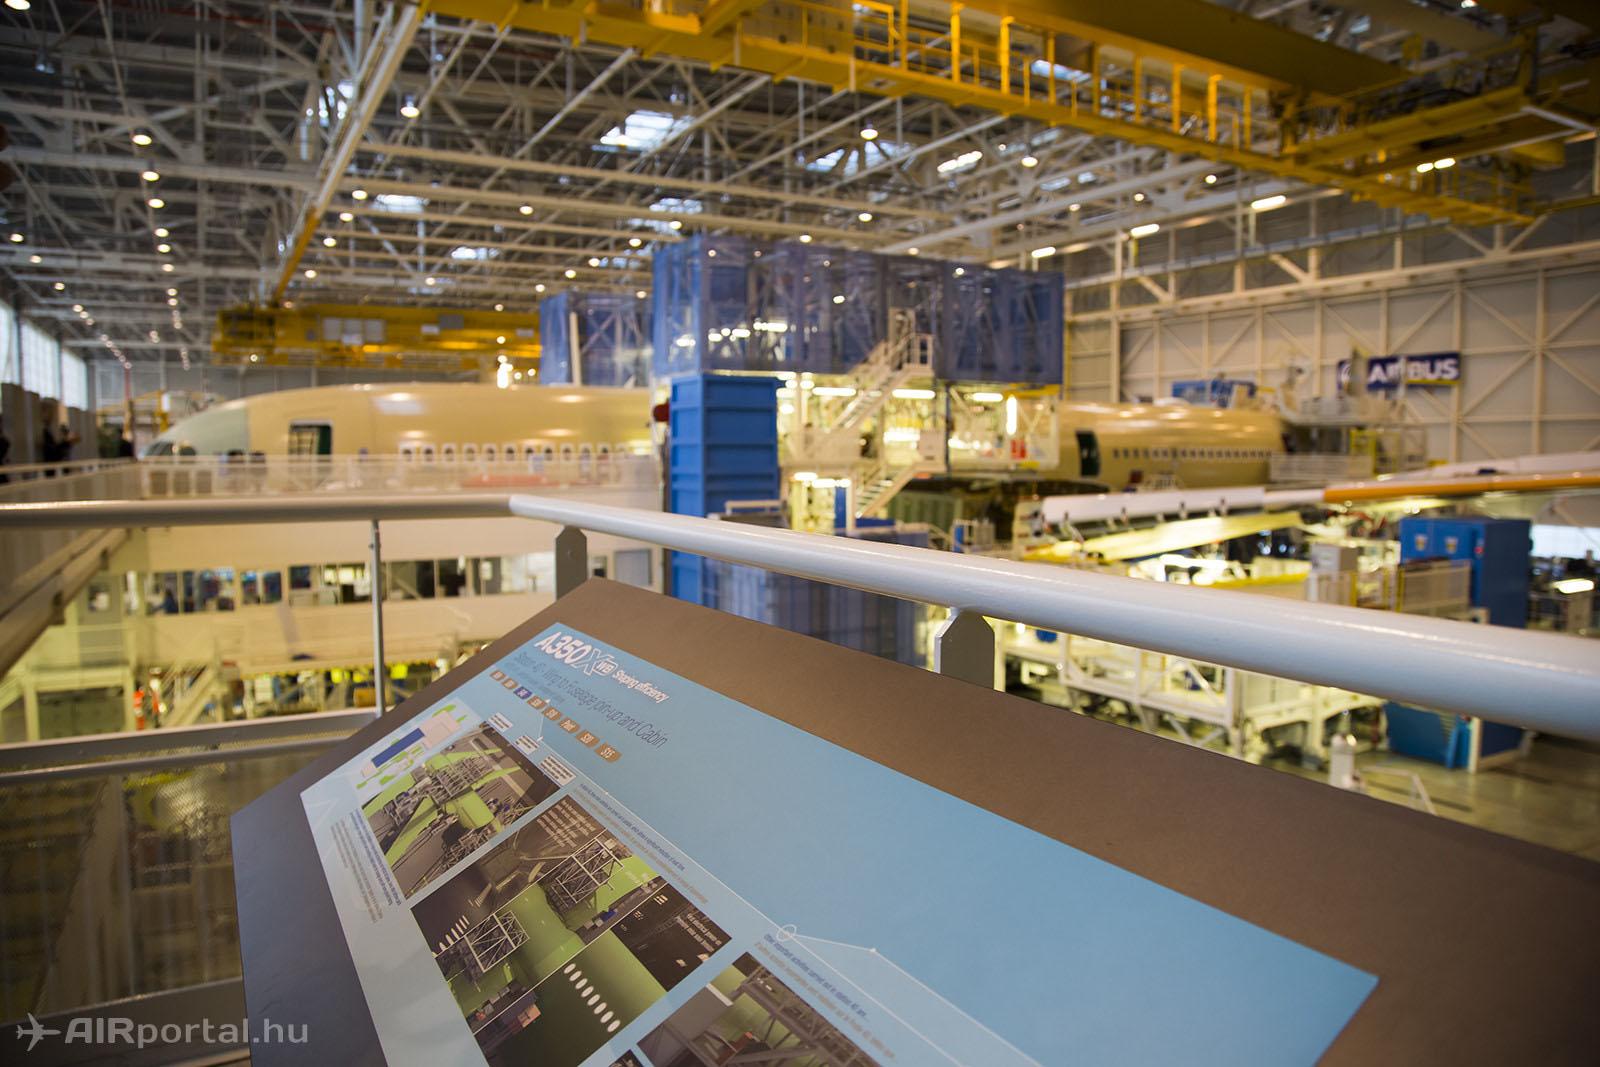 A gyártás folyamatát tájékoztató táblák magyarázzák el a látogatóknak...   © AIRportal.hu